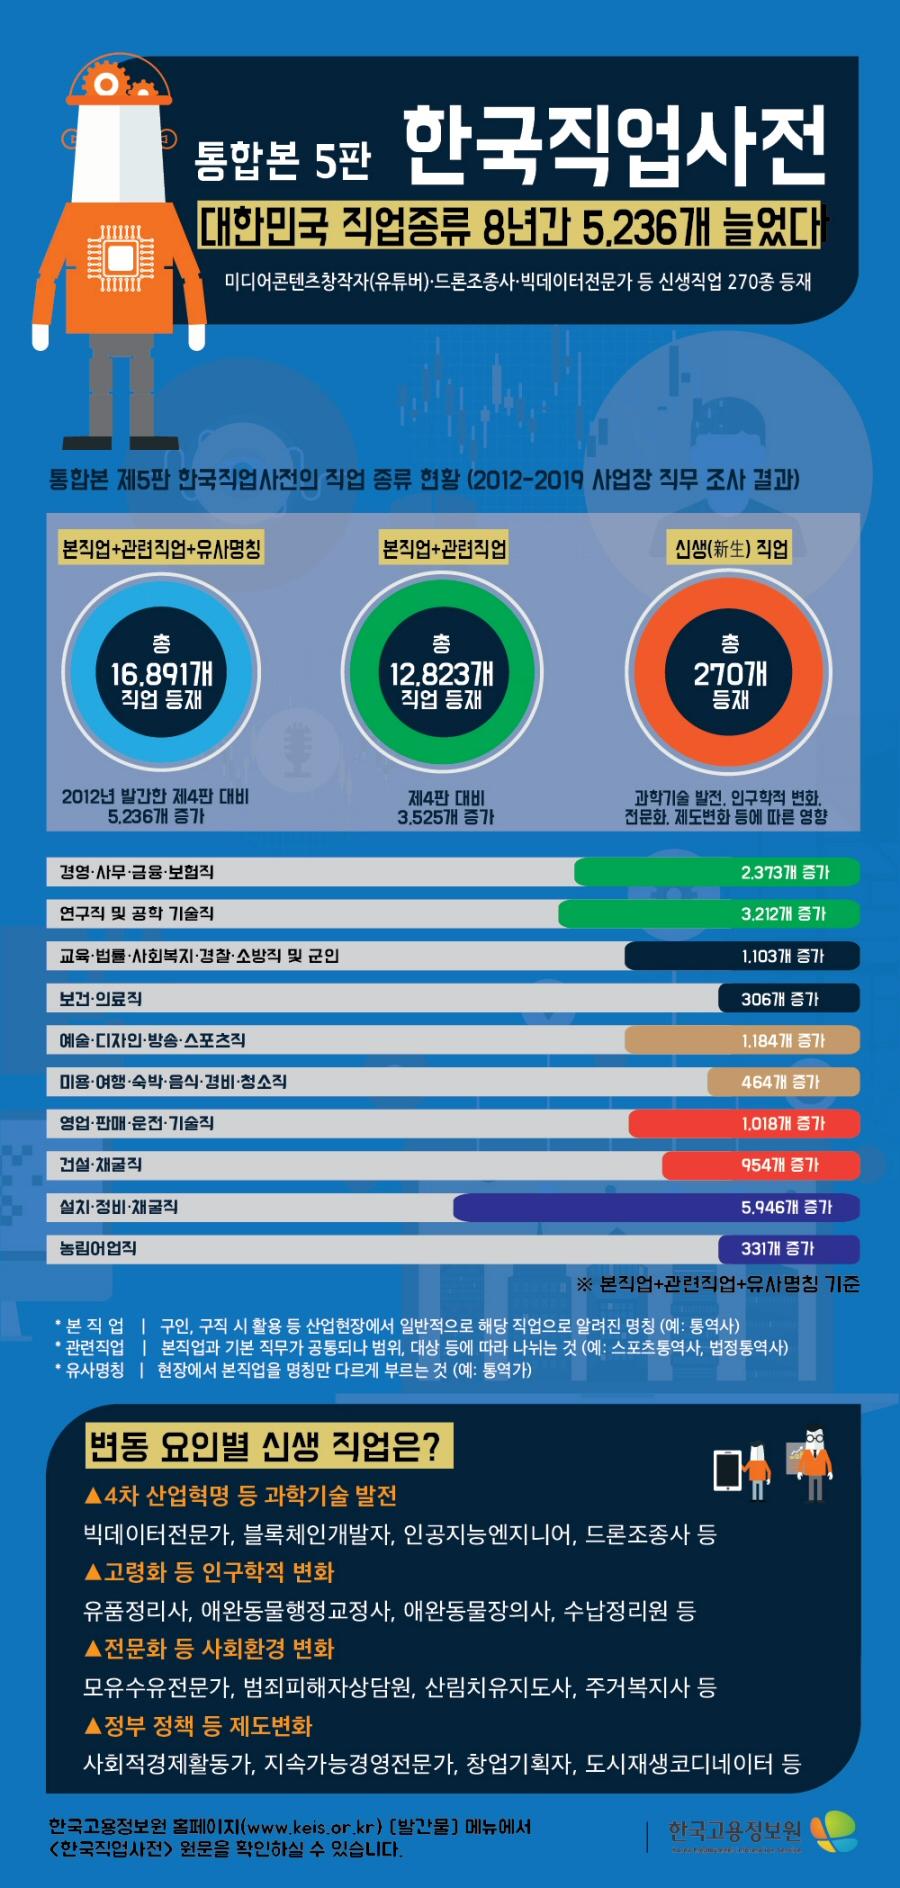 ▲ '한국직업사전 통합본 제 5판' 발간 인포그래픽